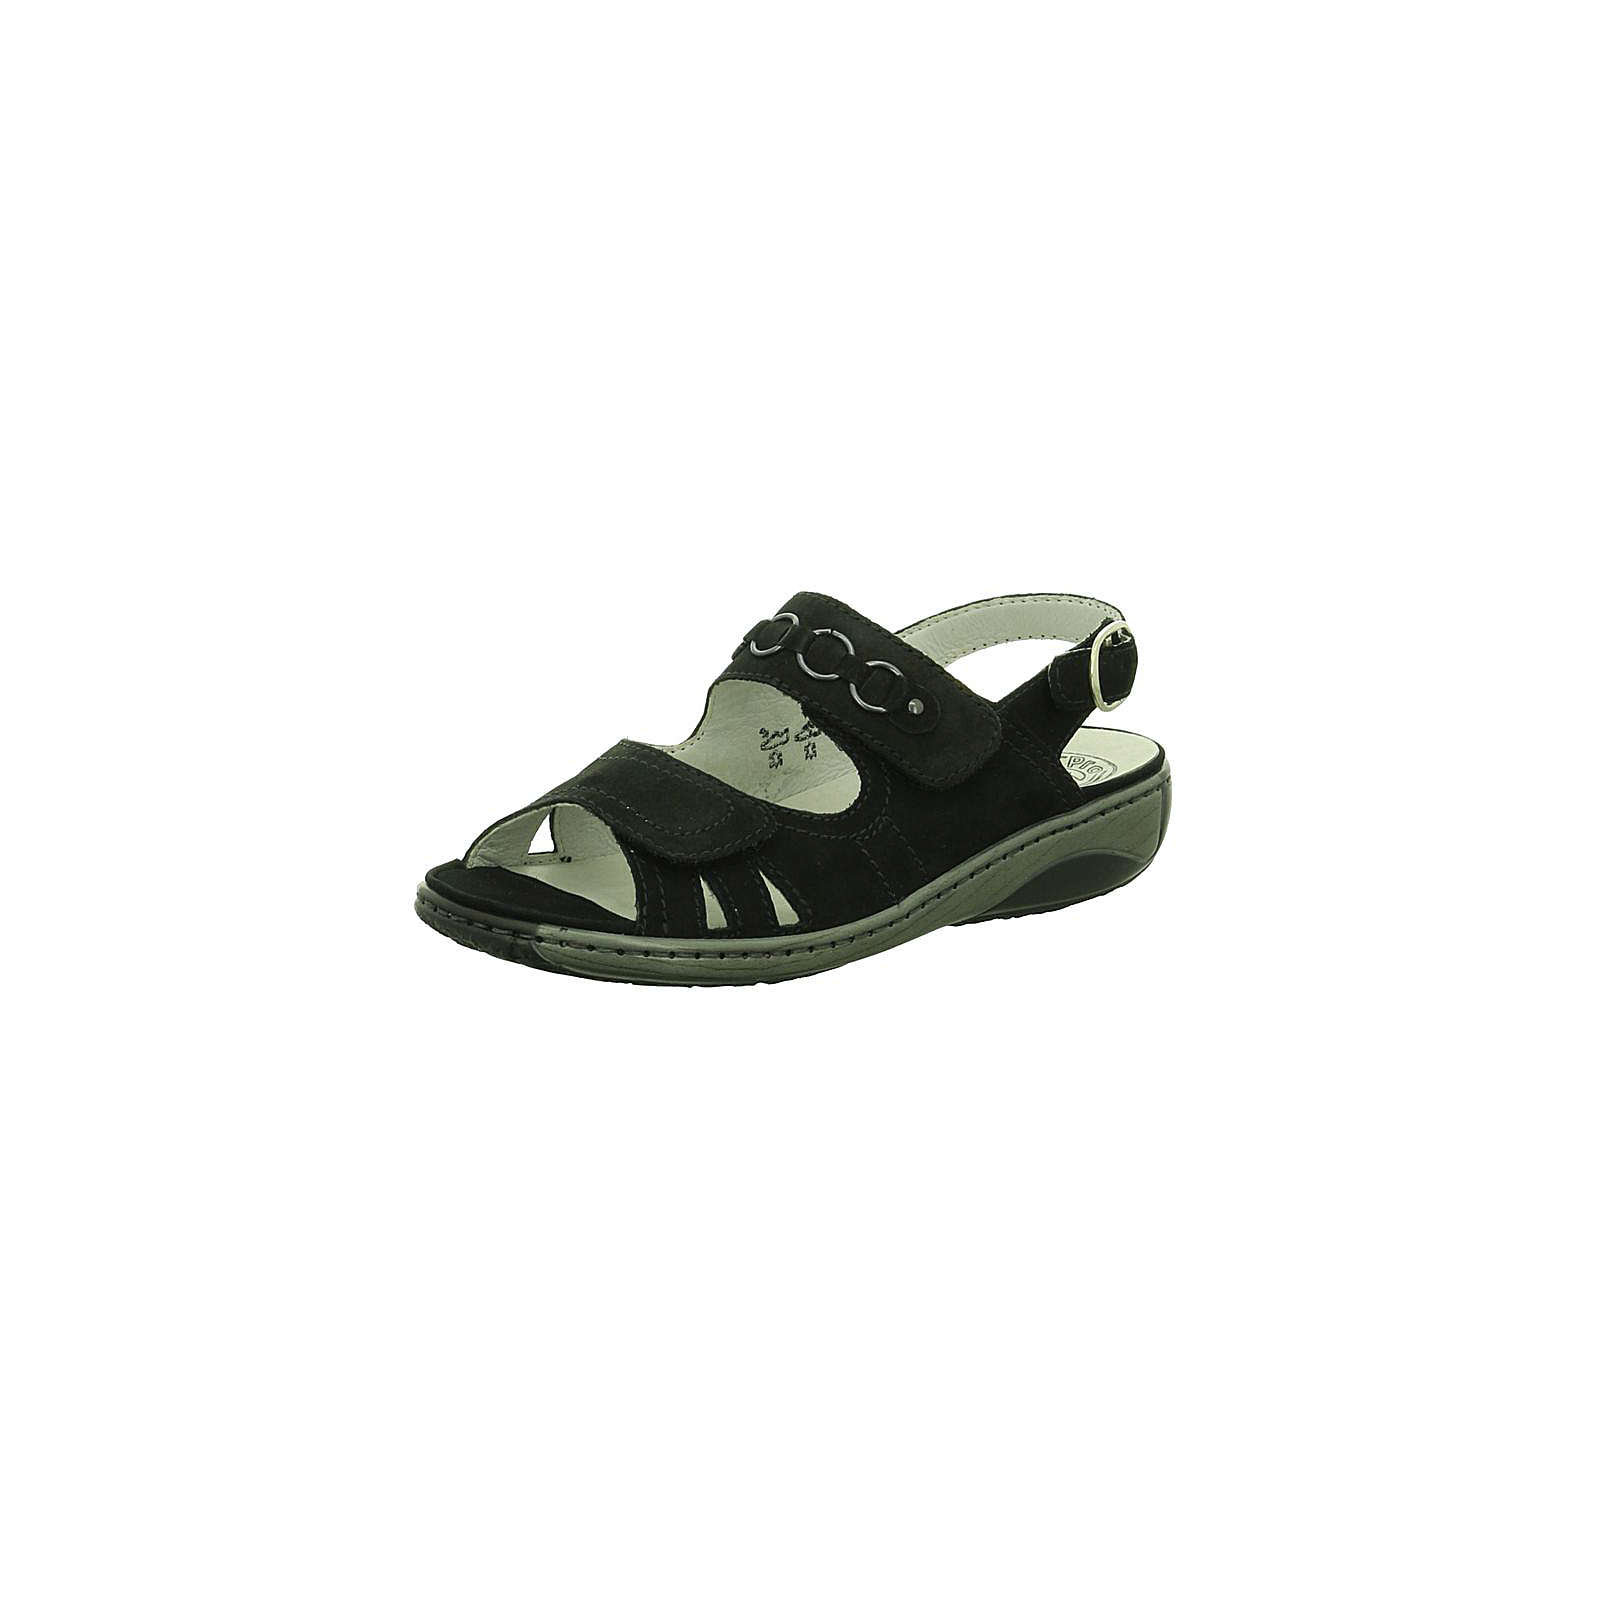 WALDLÄUFER Komfort-Sandalen schwarz Damen Gr. 36